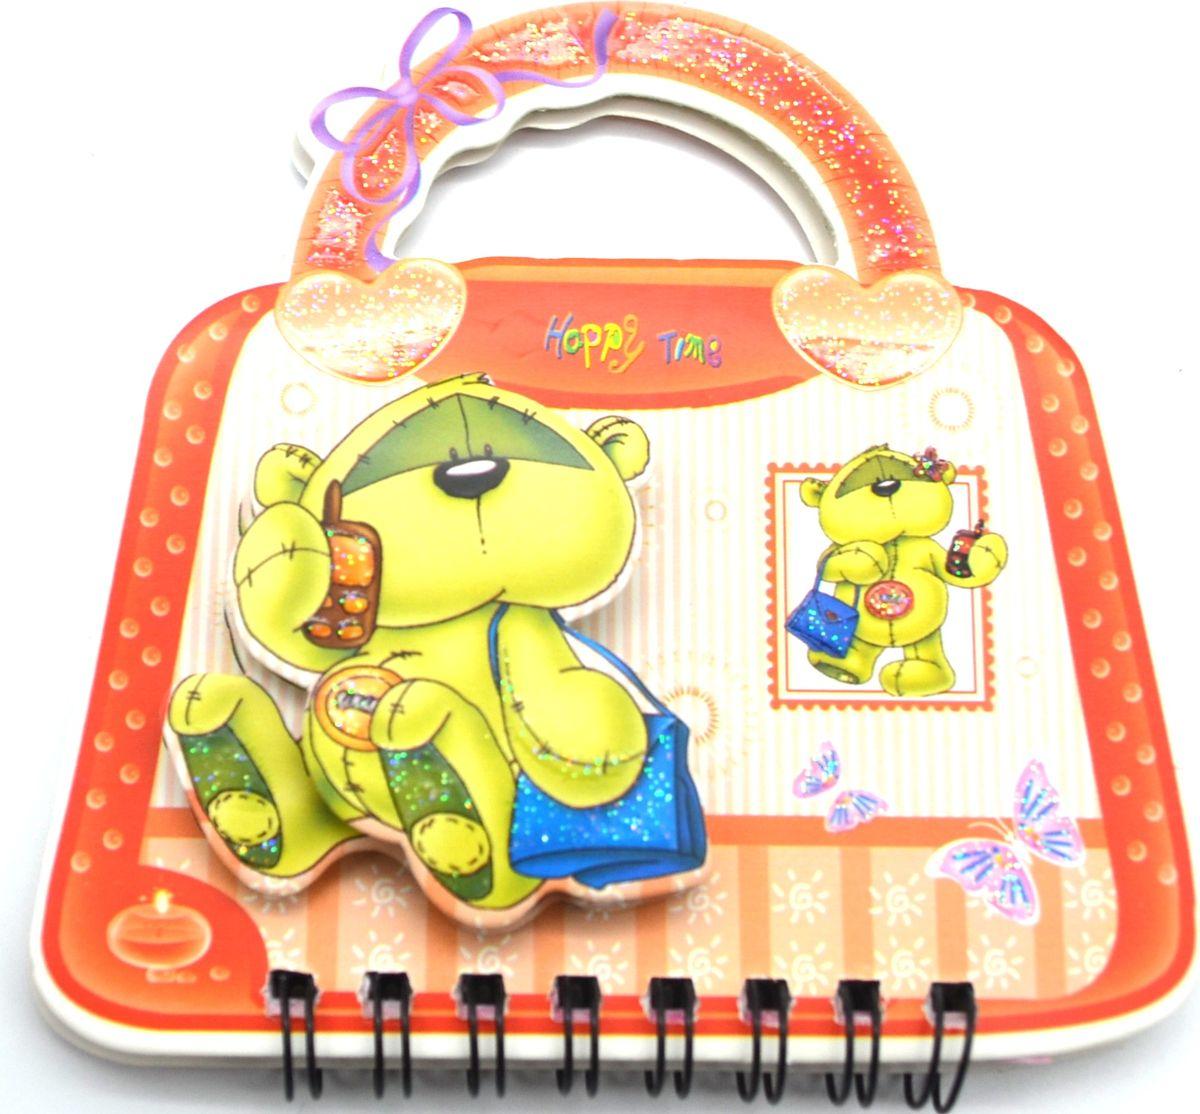 Карамба Блокнот Мишка на сумочке 50 листов в линейку цвет красный1006337Блокнот Карамба Мишка на сумочке с объемным изображением мишки на лицевой стороне выполнен в виде сумочки с ручками. Блокнот содержит 50 листов в линейку. Листики окрашены в голубой и зеленый цвета. На каждом листочке изображен мишка.